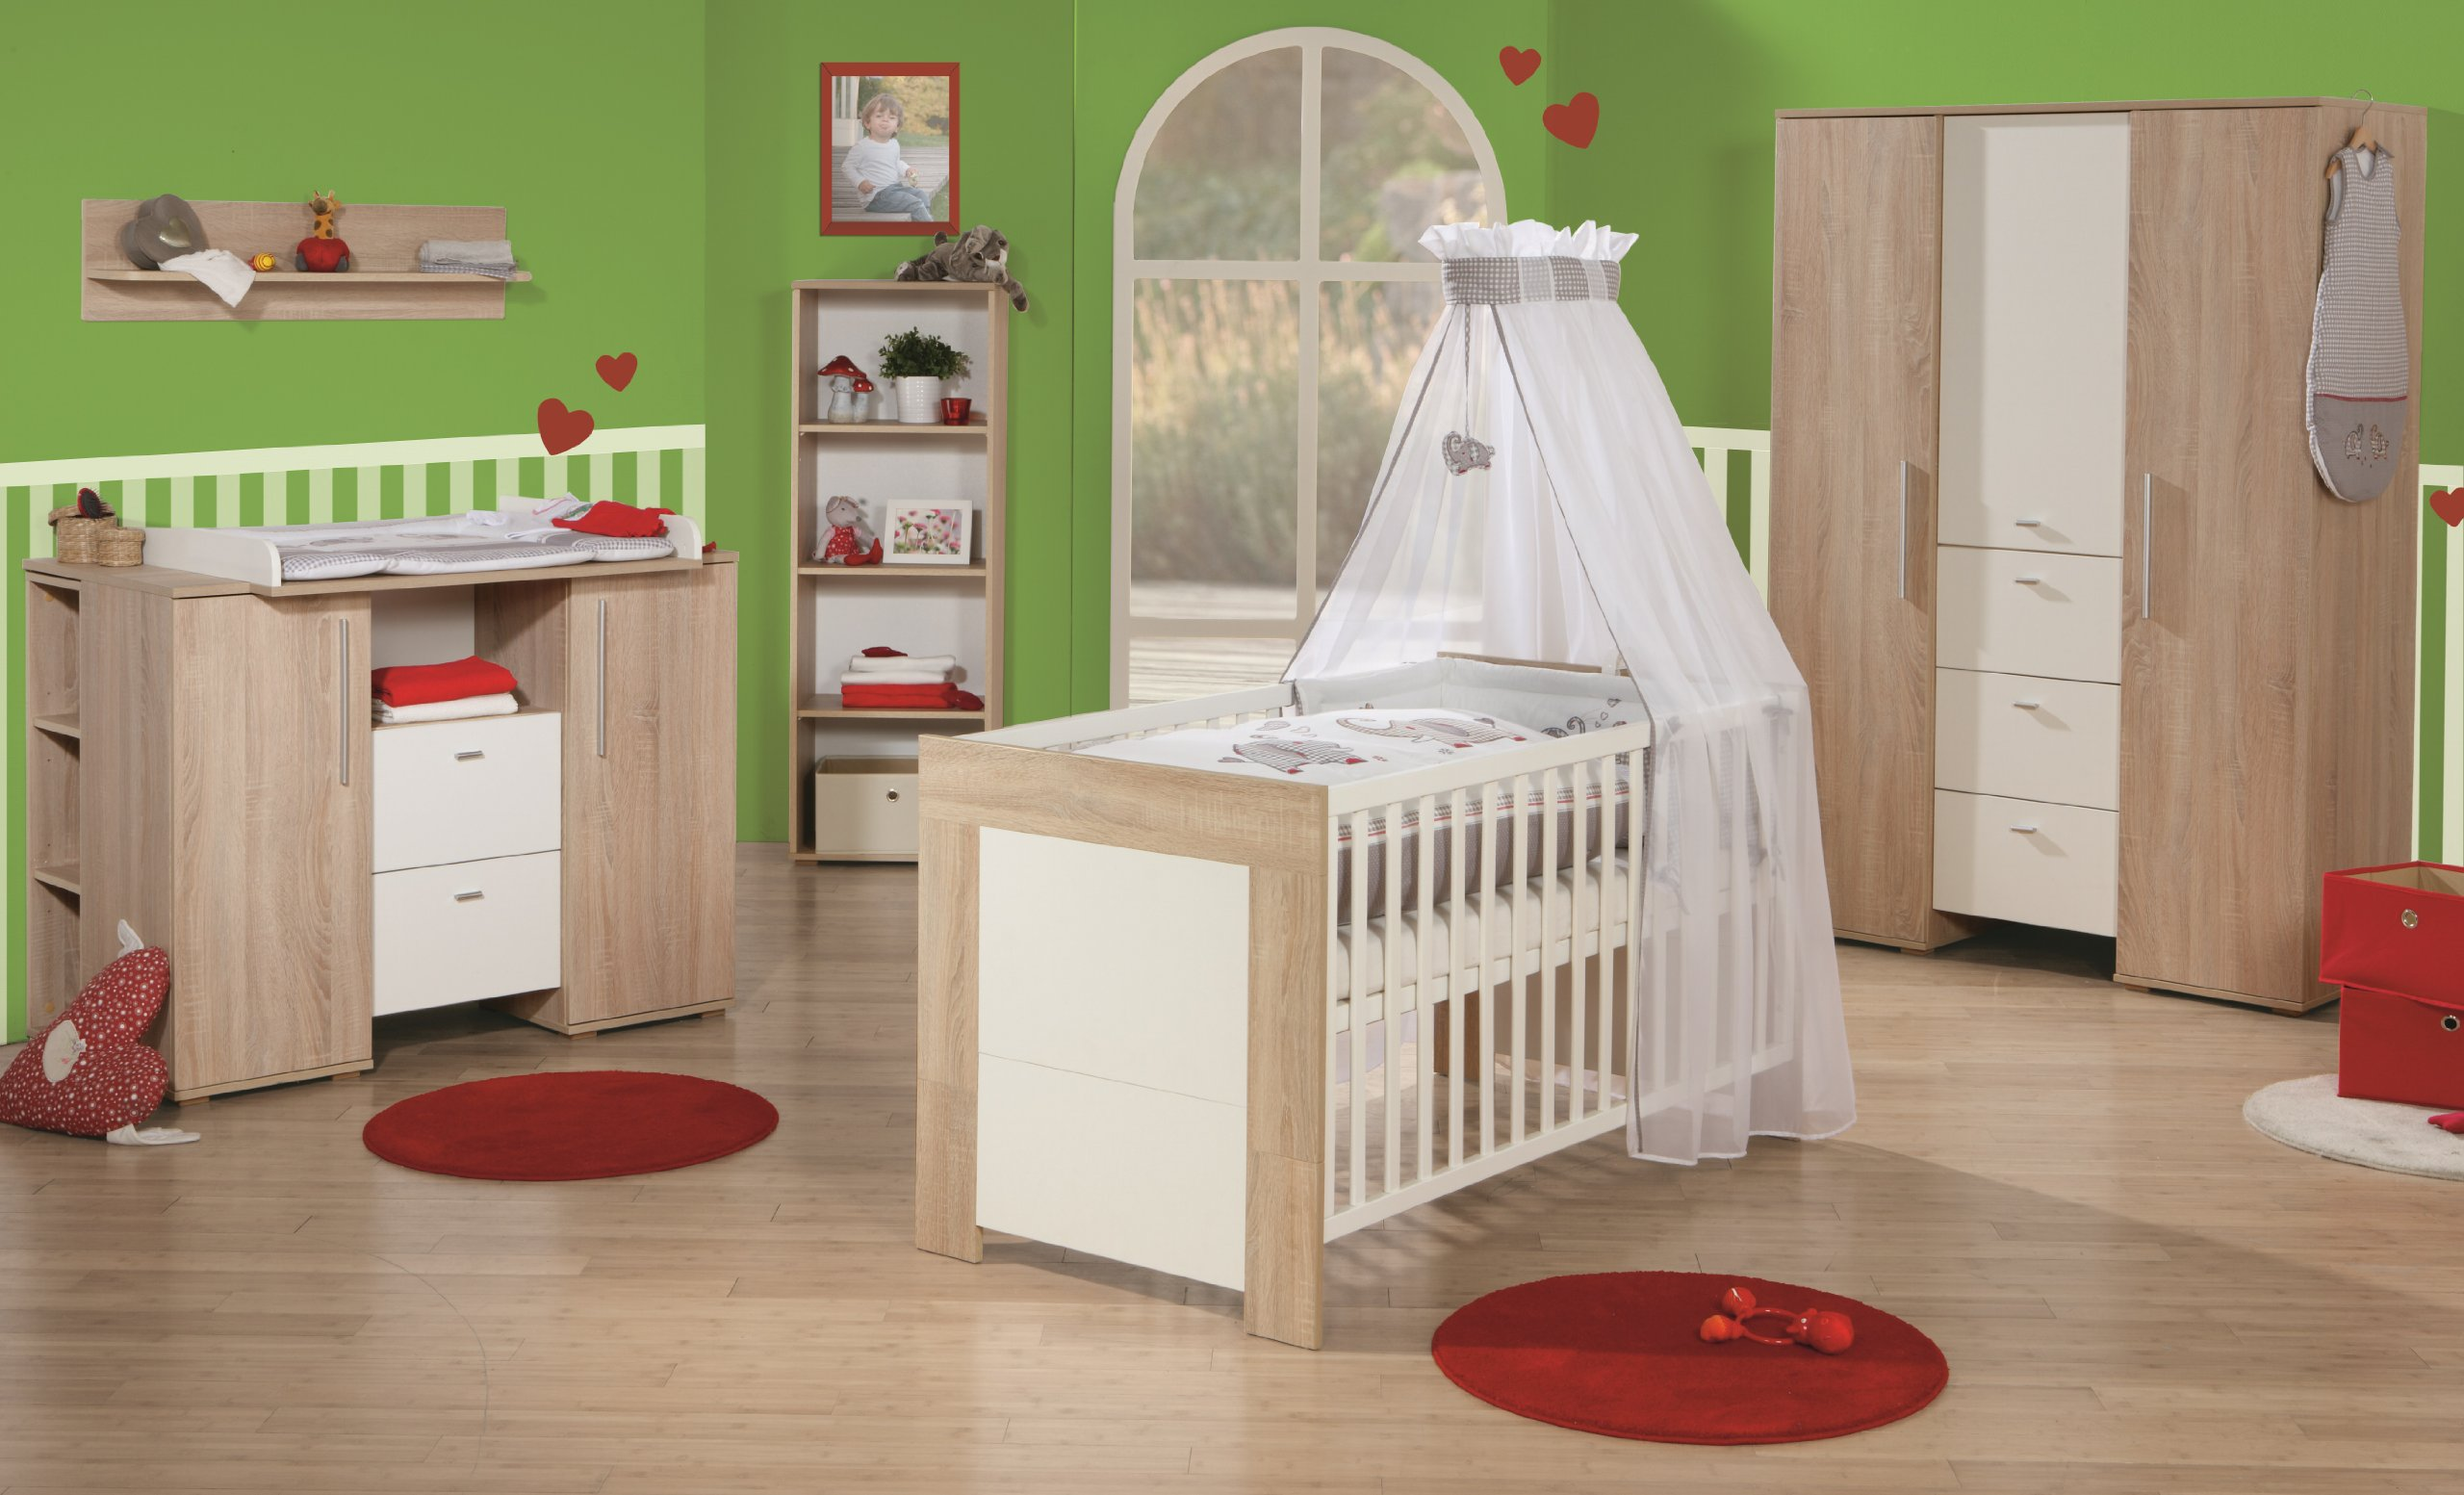 Verschiedene Möbel Für Kinderzimmer Galerie Von Roba 39301-6 Kinderzimmerset Daniel, 6-teilig